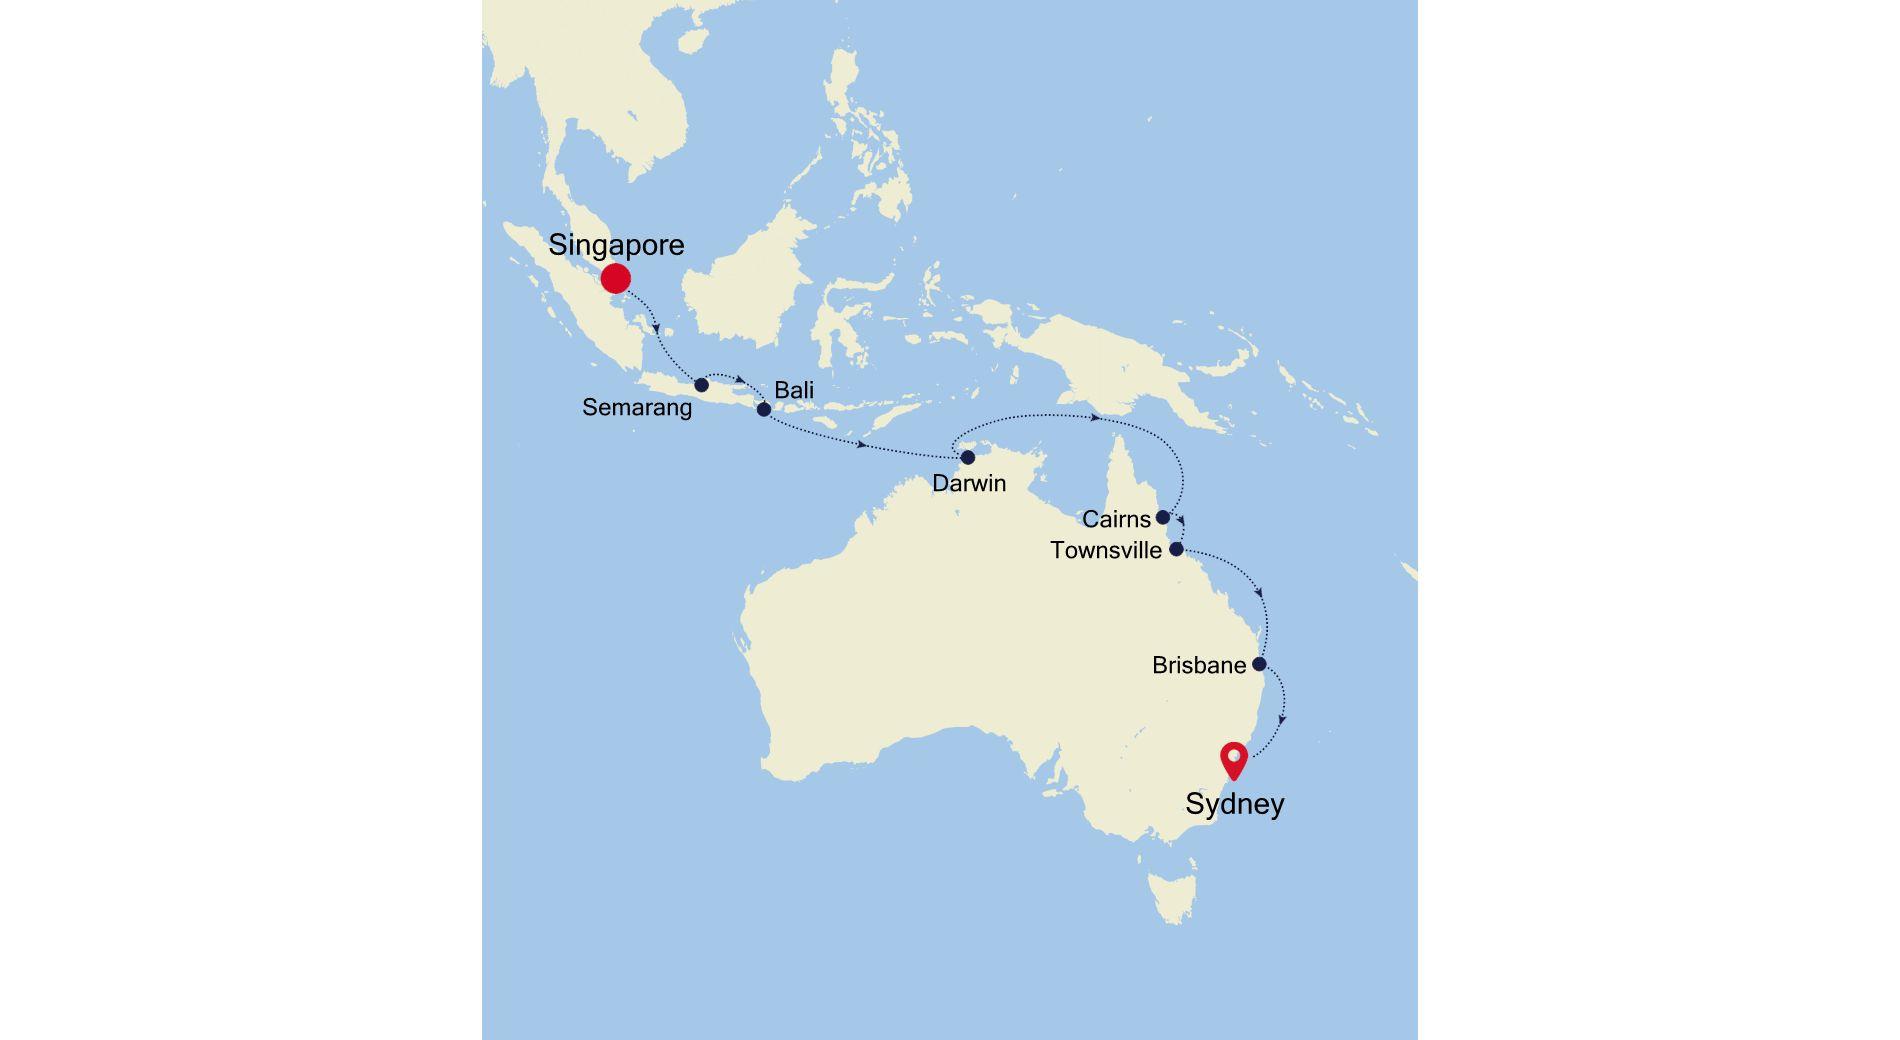 6930 - Singapore à Sydney